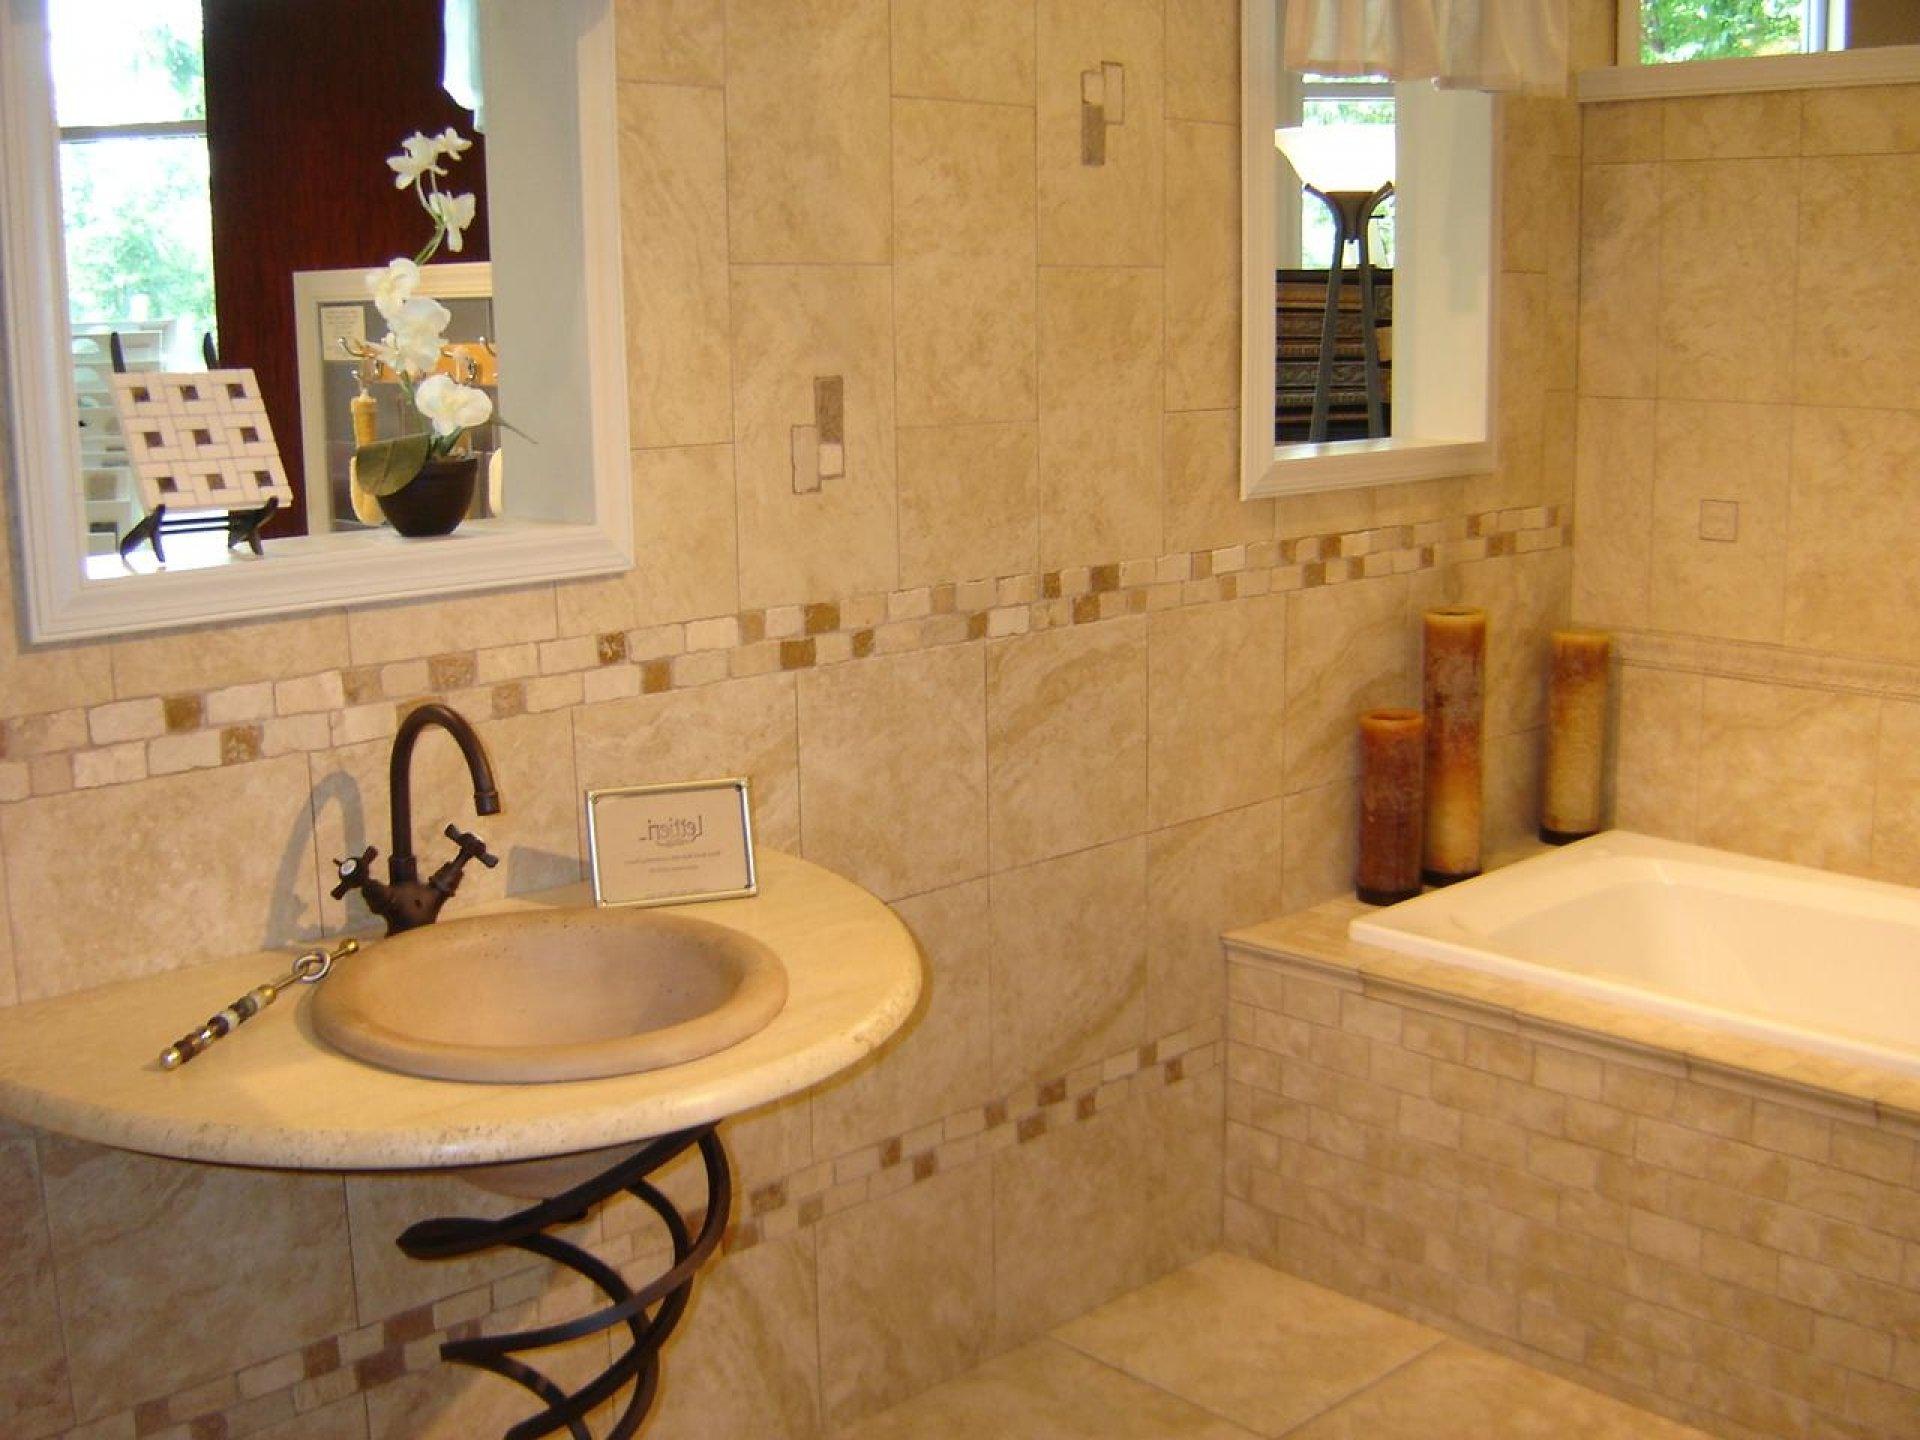 Отделка ванной комнаты плиткой дизайн 45 квадратов